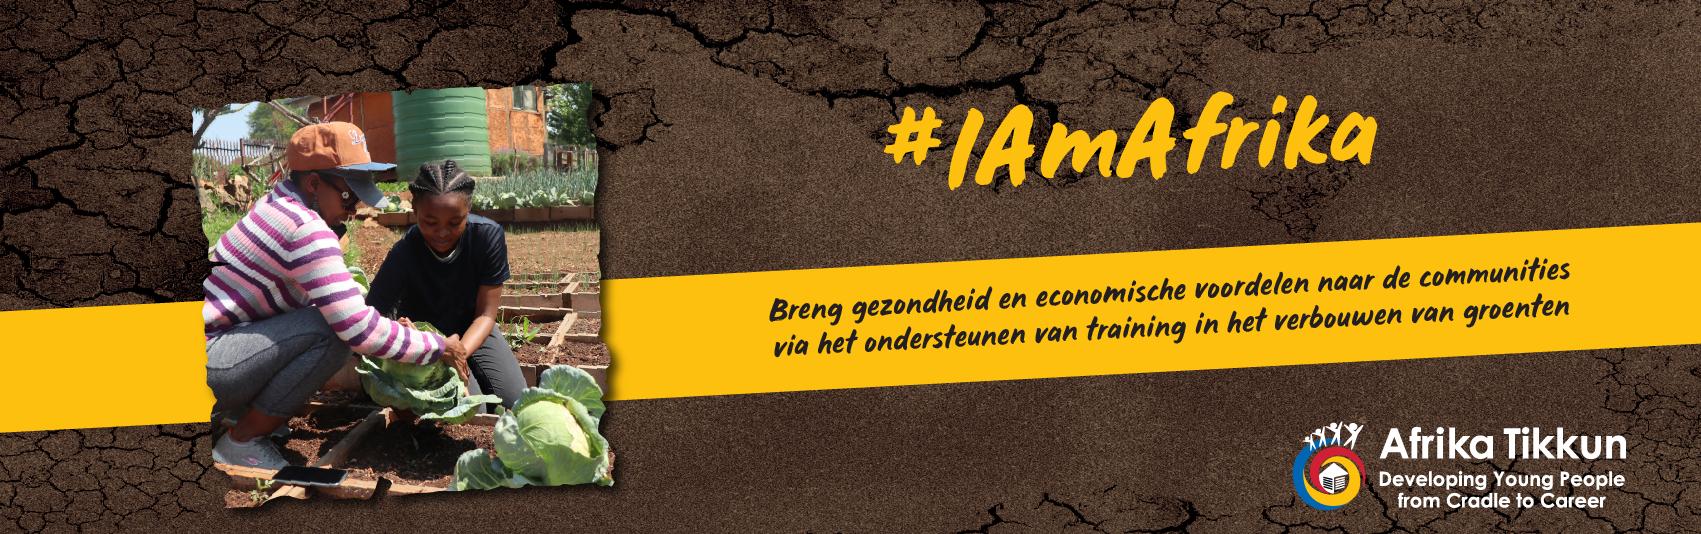 I am Afrika Banner_1-01